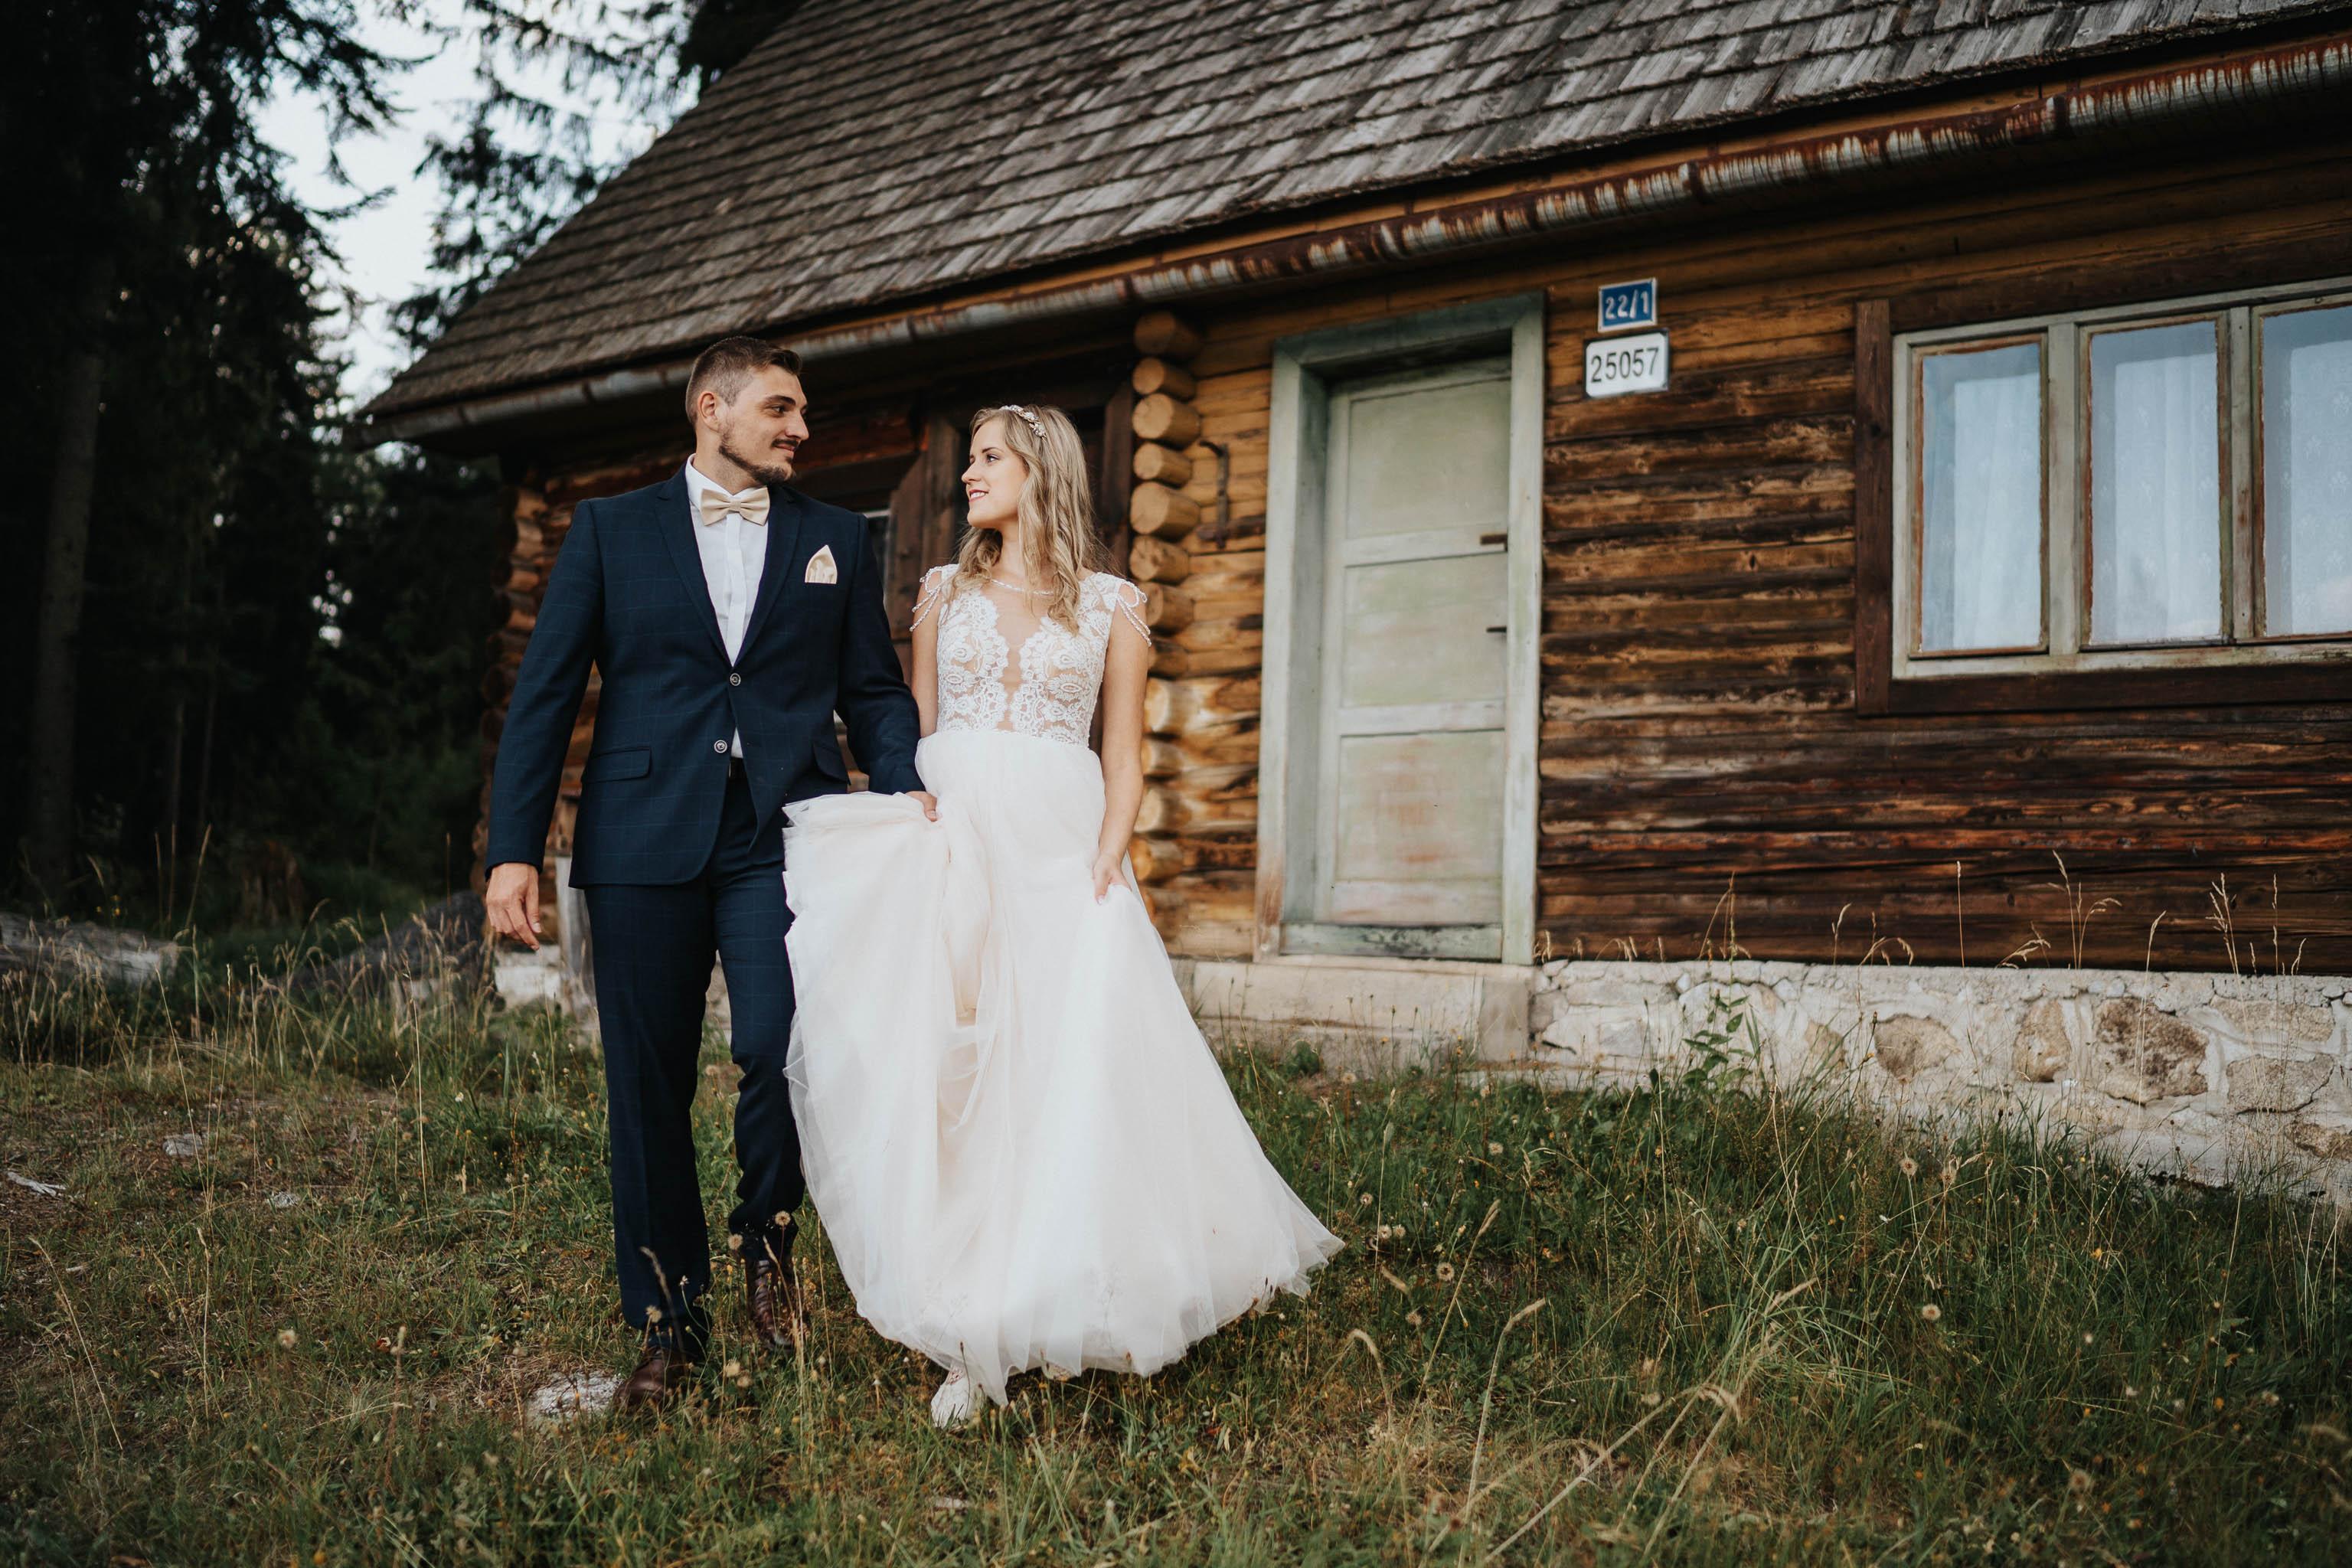 svadobný fotograf spisska nova ves